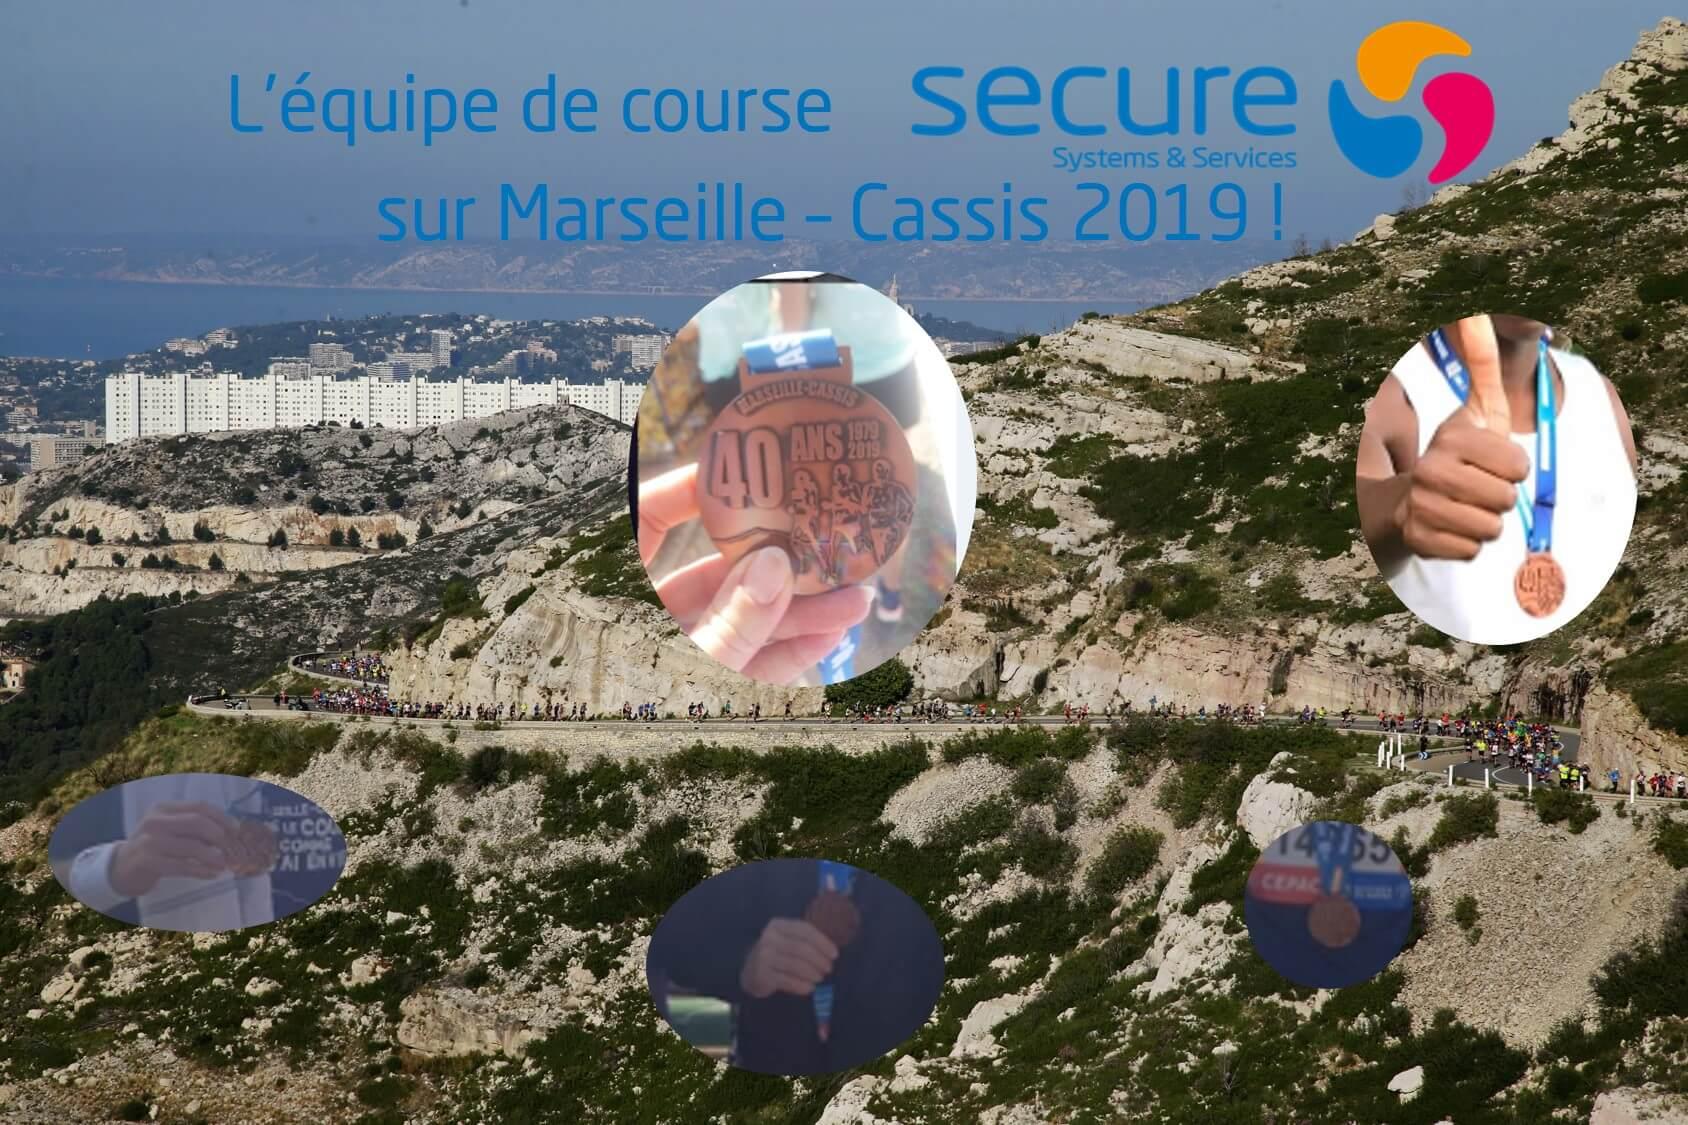 Challenge réussi pour la Team SECURE sur Marseille-Cassis 2019 ! : )